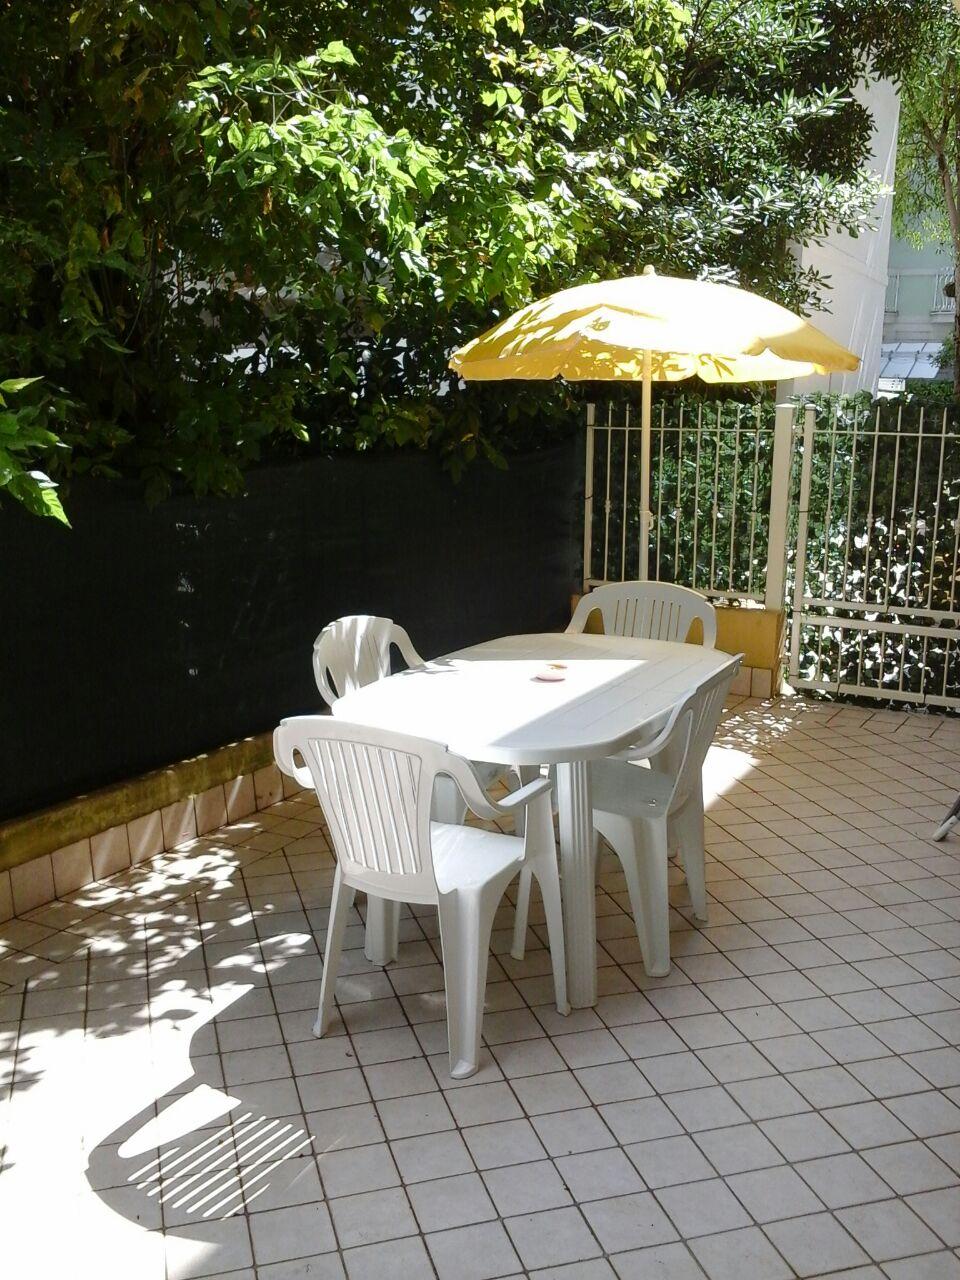 Riccione abissinia trilocale in affitto stagionale con terrazzo abitabile - Bagno 60 riccione ...